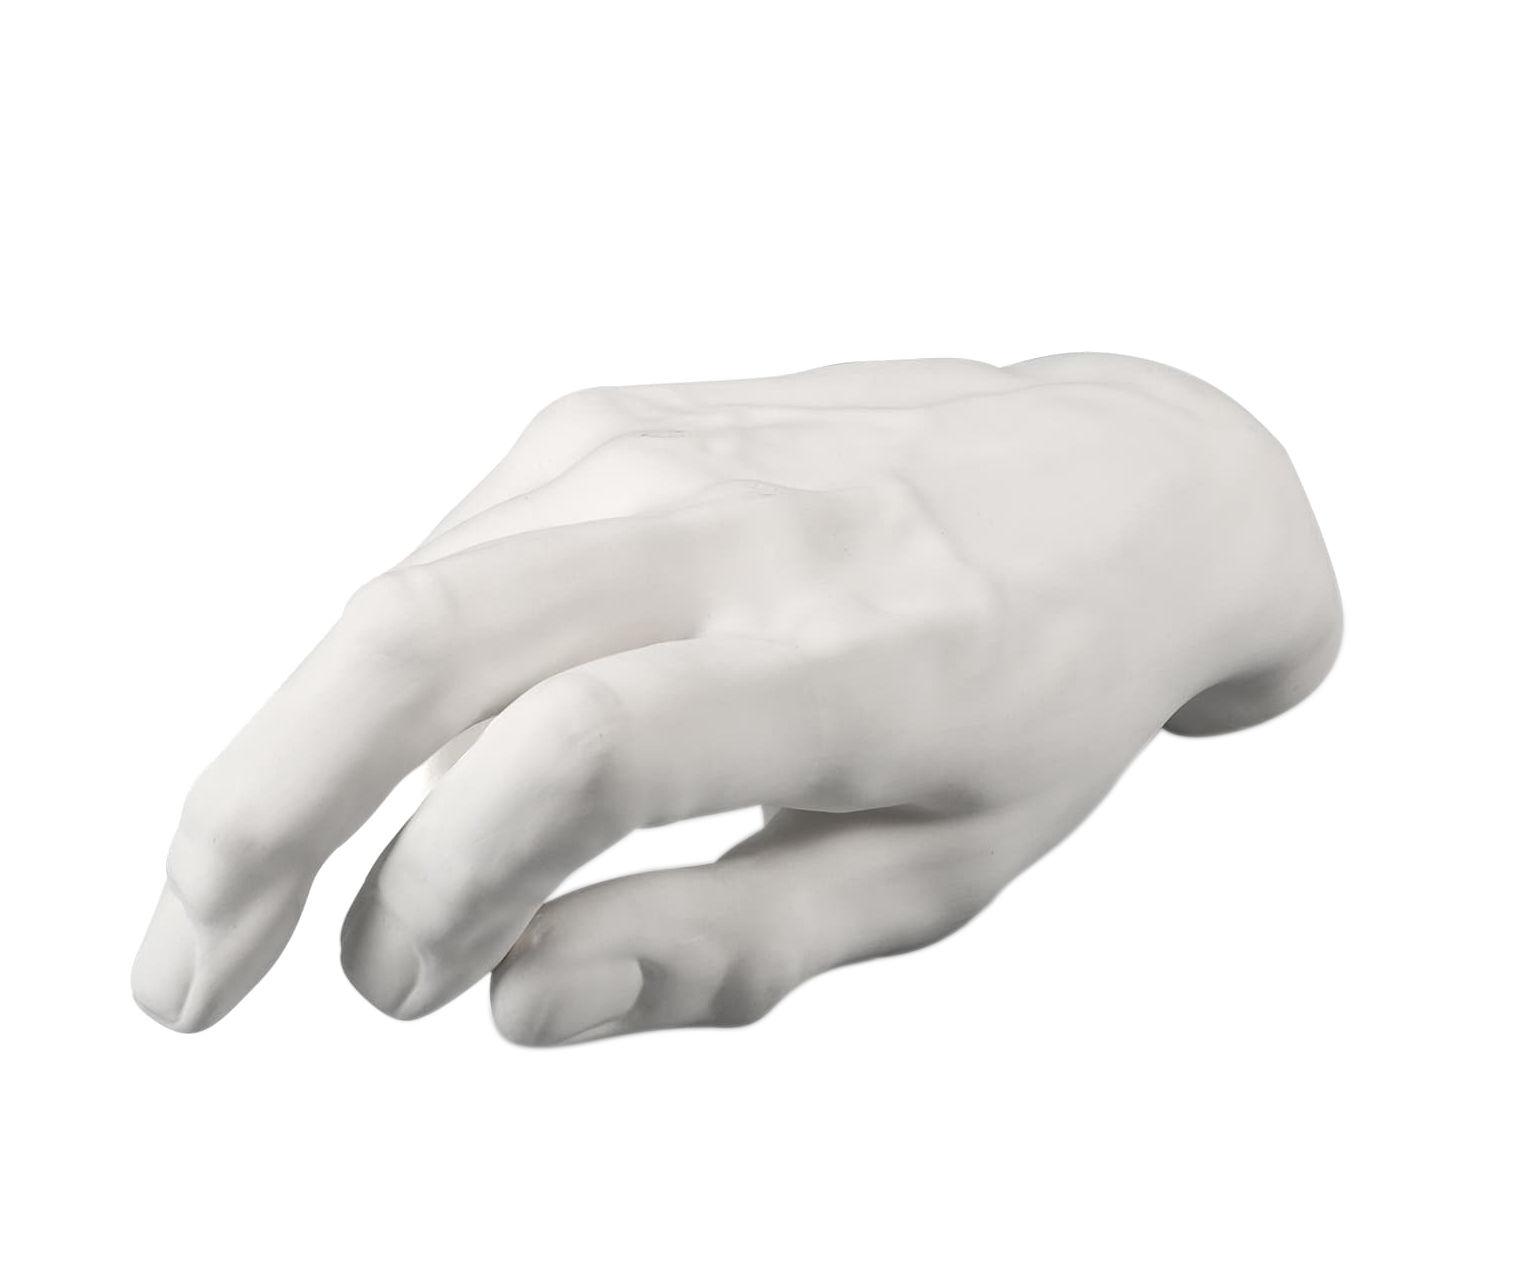 Decoration - Home Accessories - Memorabilia Mvsevm Decoration - / Male hand by Seletti - Man's hand / White - China